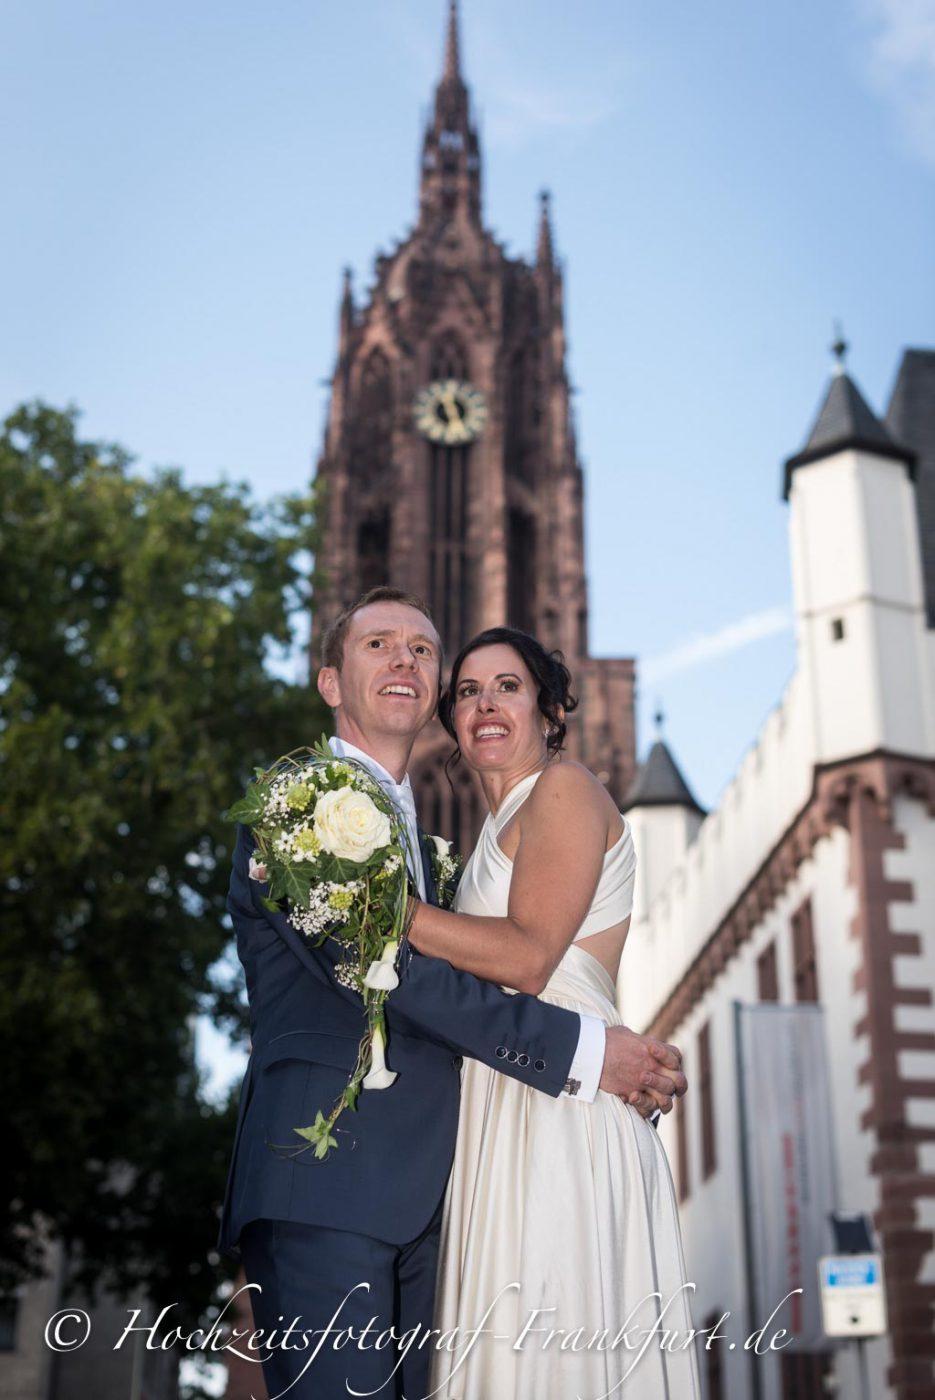 Standesamt Frankfurt am Main: Foto des Hochzeitspaares mit dem Frankfurter Dom im Hintergrund II.